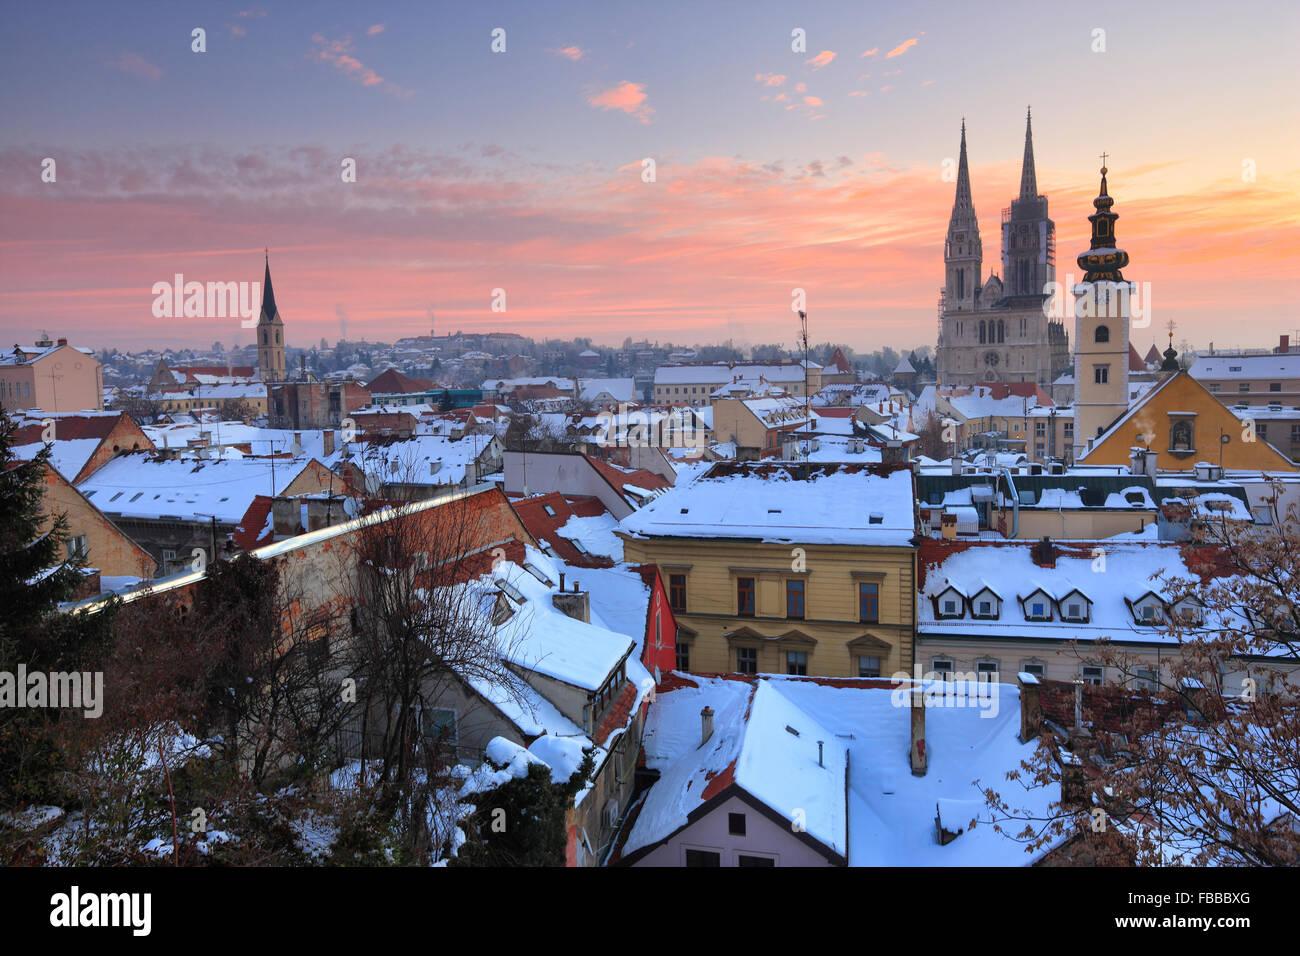 Panorama von Zagreb im Winter. Dom auf der Rückseite des Bildes. Stockbild